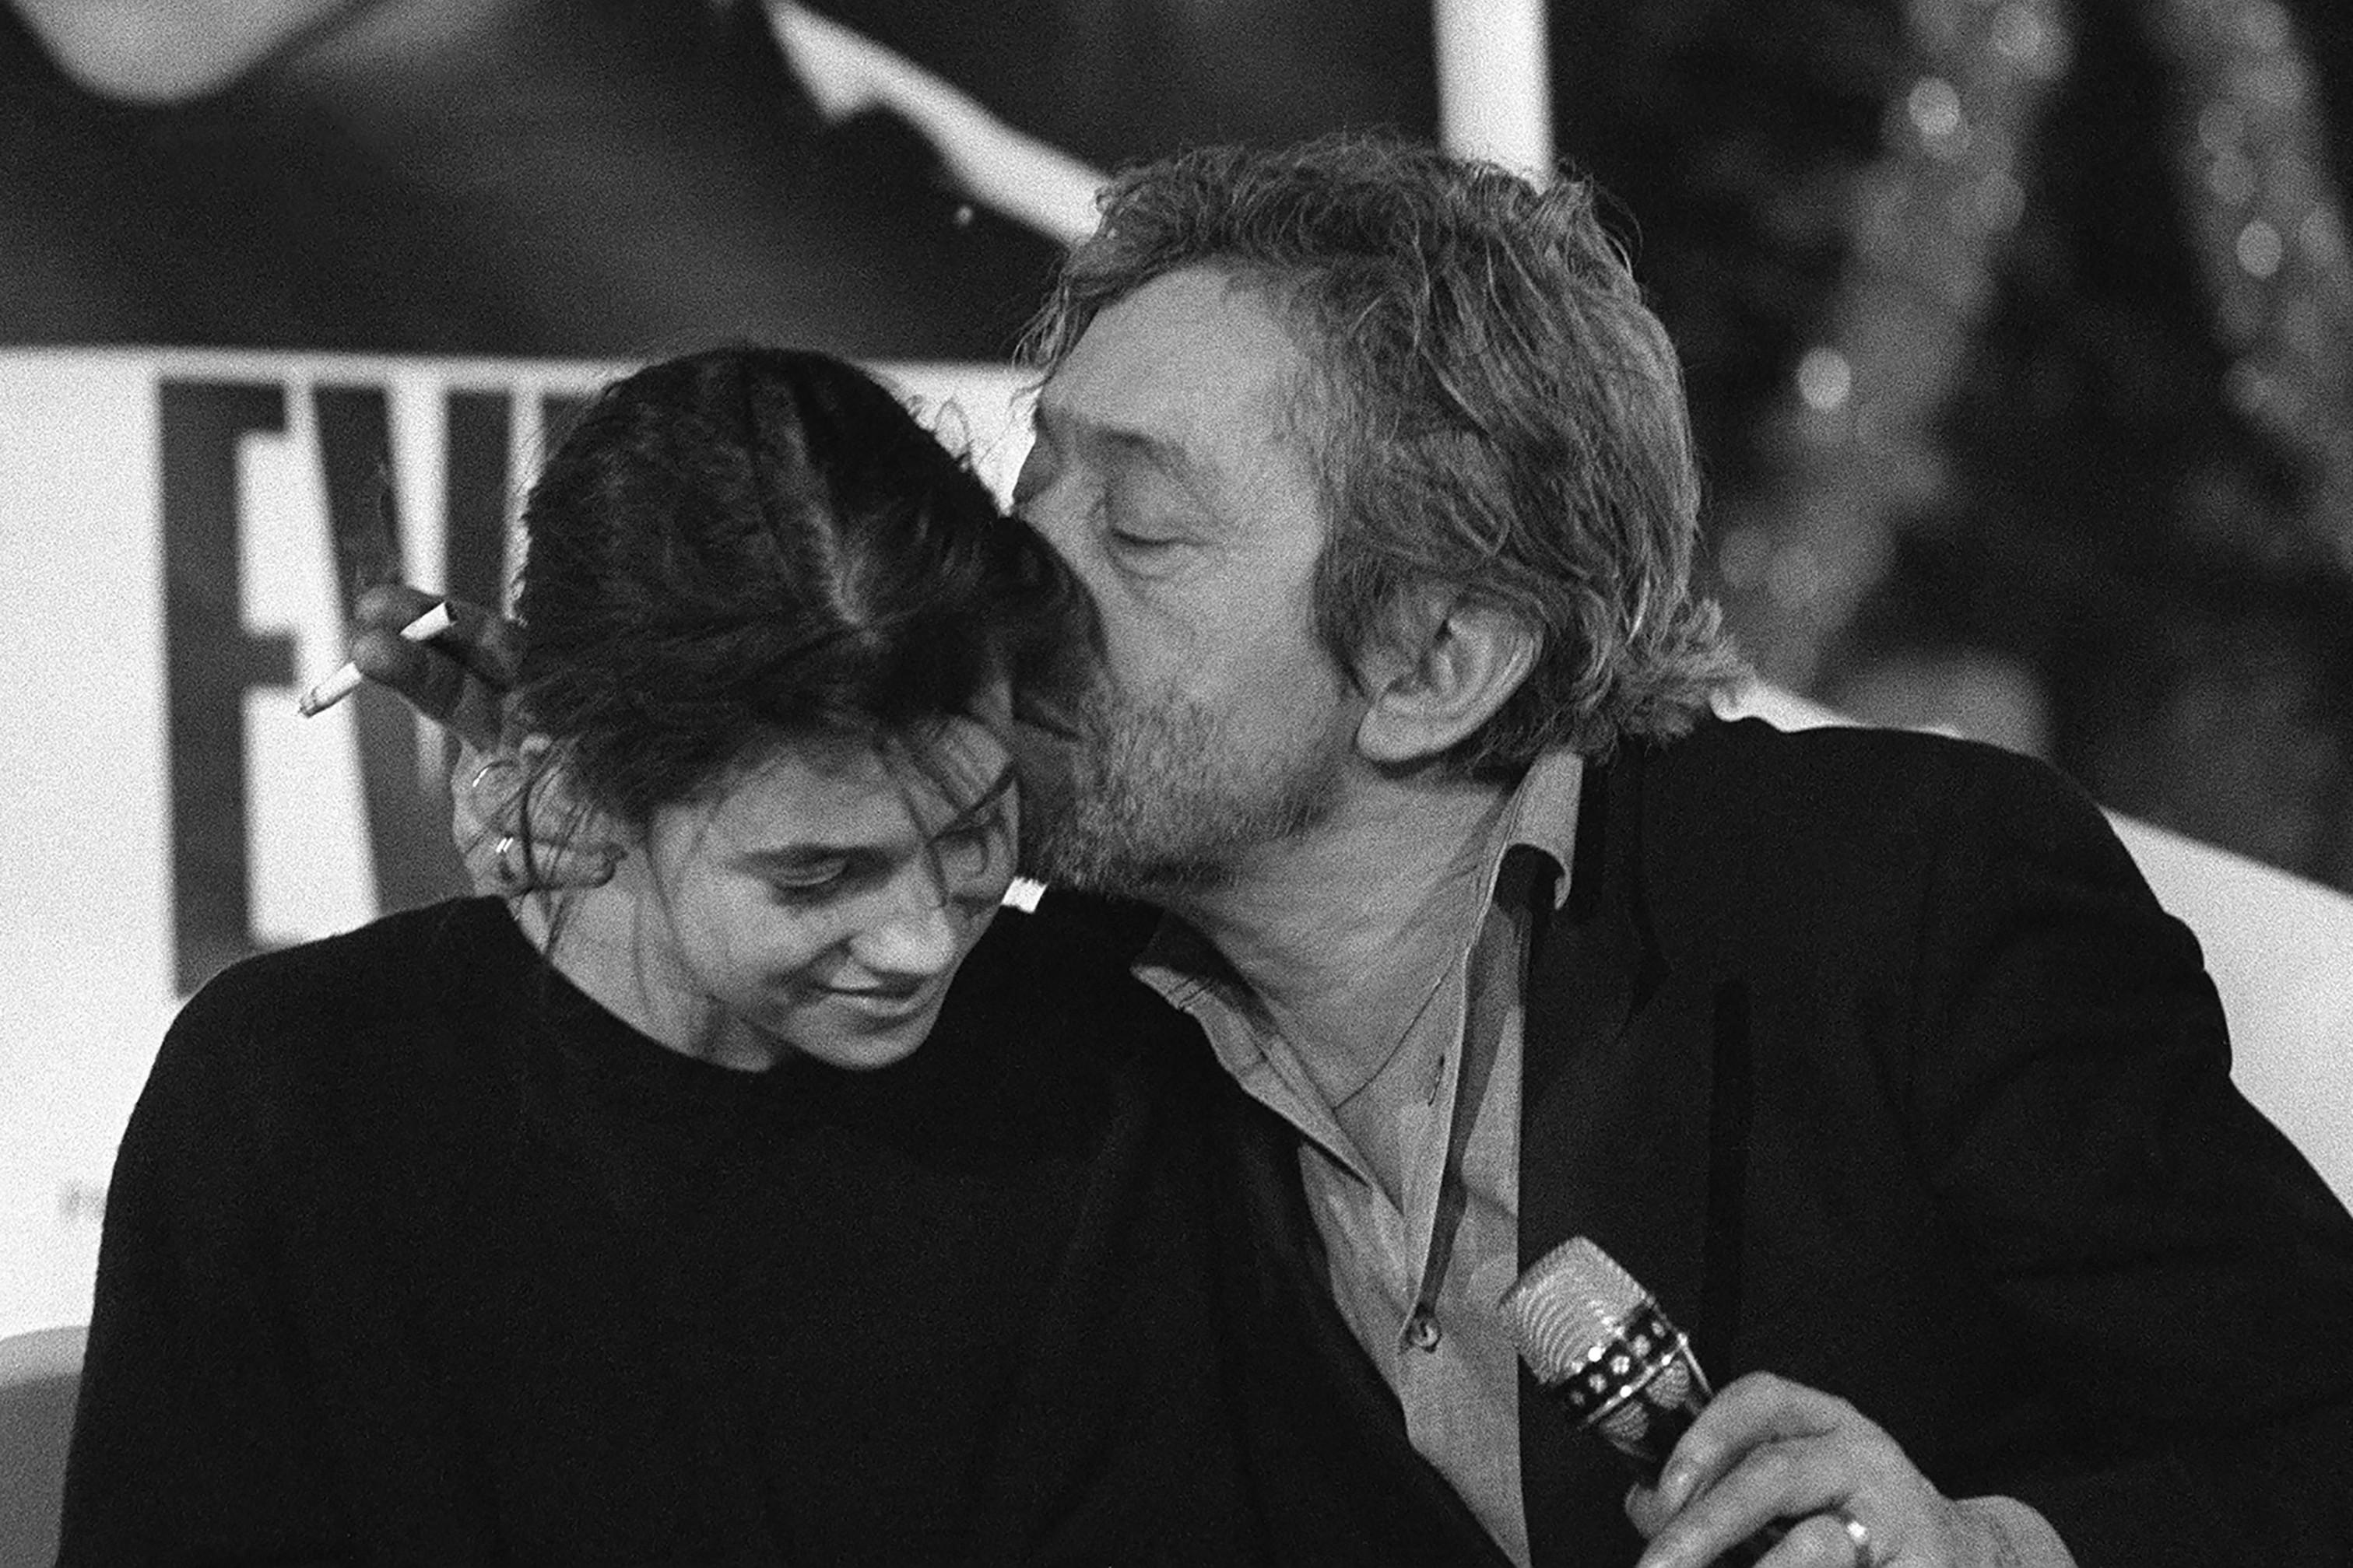 Para Charlotte Gainsbourg, seu pai não teria se encaixado na atual sociedade da censura